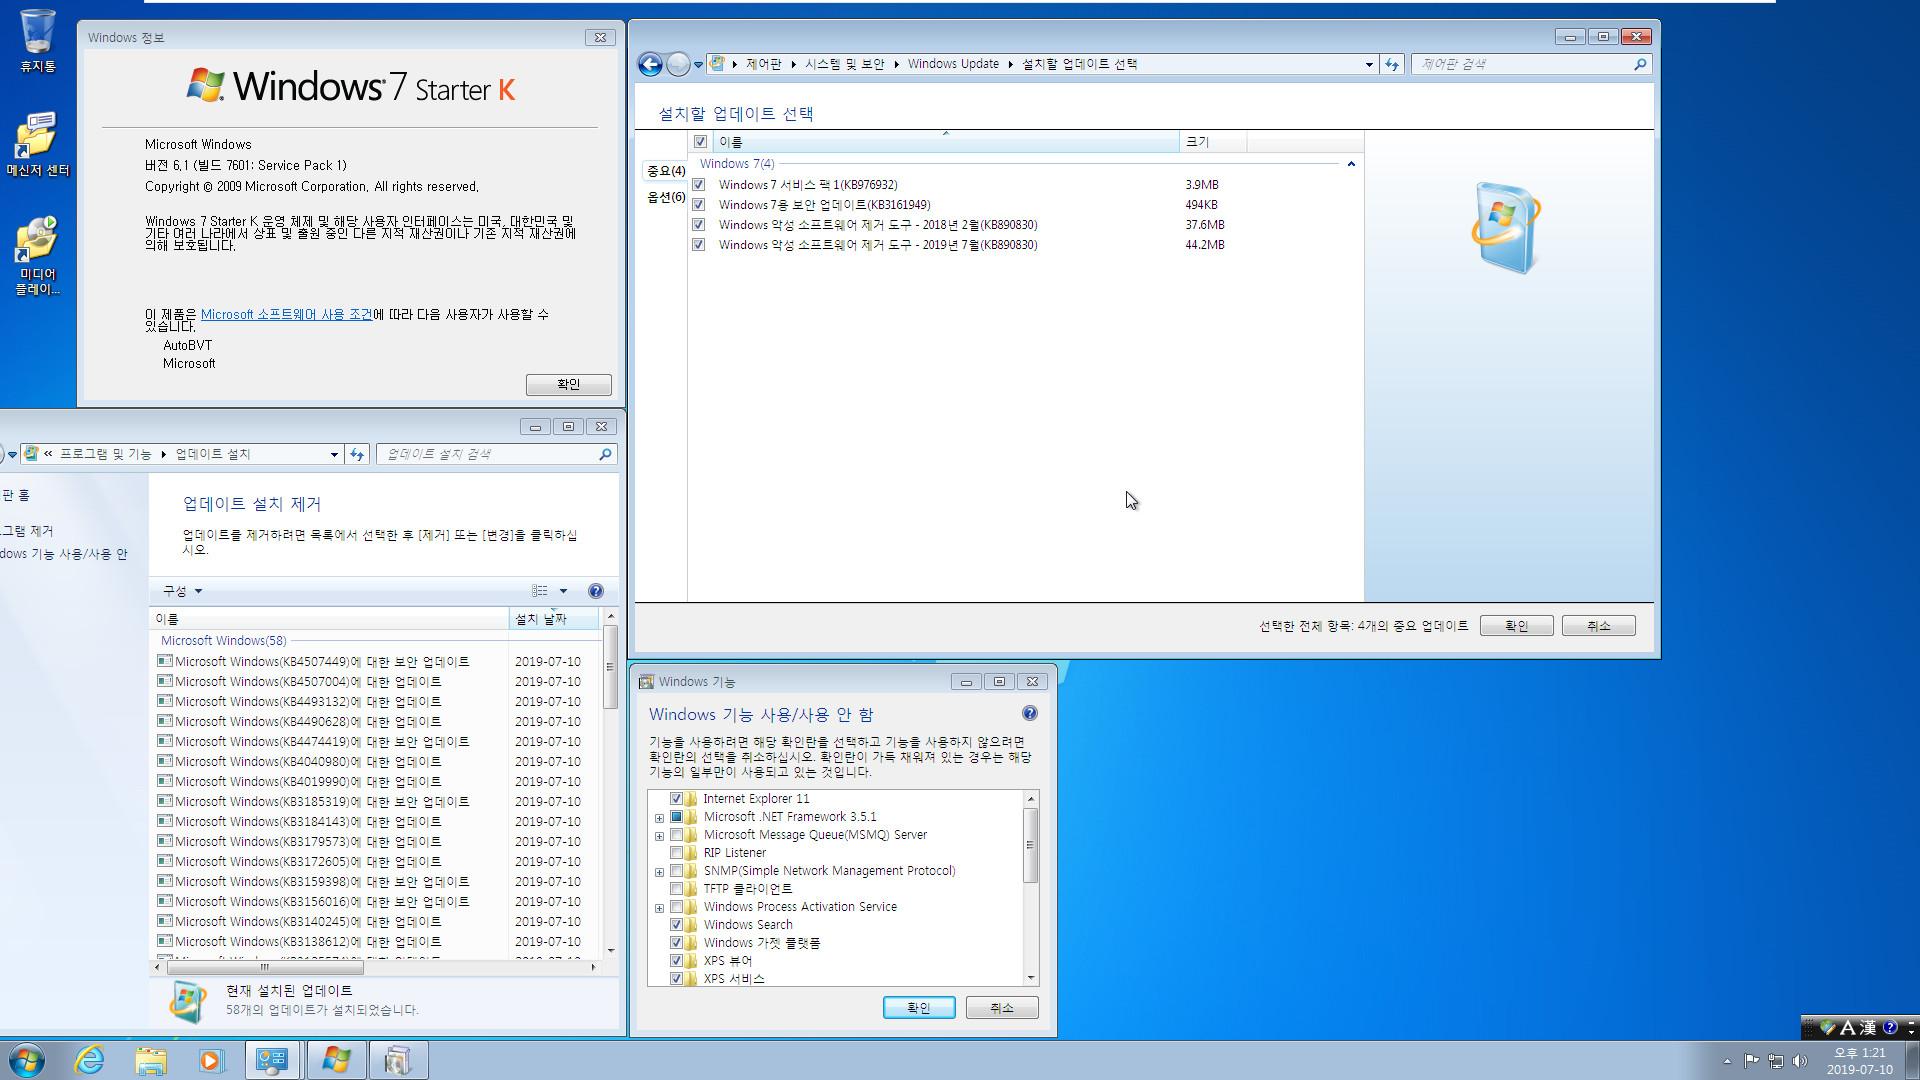 2019-07-10 정기 업데이트 - Windows 7 롤업 업데이트 KB4507449 (OS 빌드 7601.24494) [2019-07-09 일자] IE11 통합중 입니다 - 32비트 확인 2019-07-10_132138.jpg